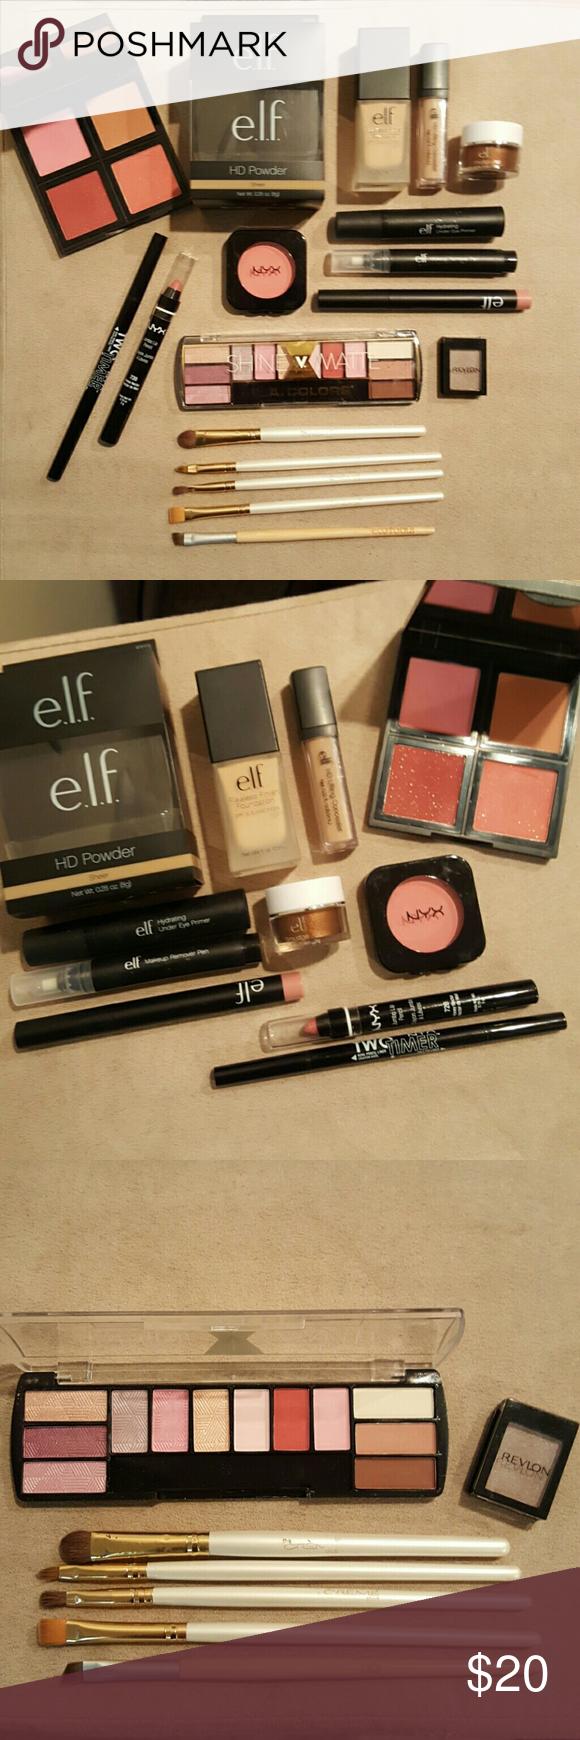 Elf, NYX, LA Colors 15 Piece Makeup/Beauty Bundle! Huge